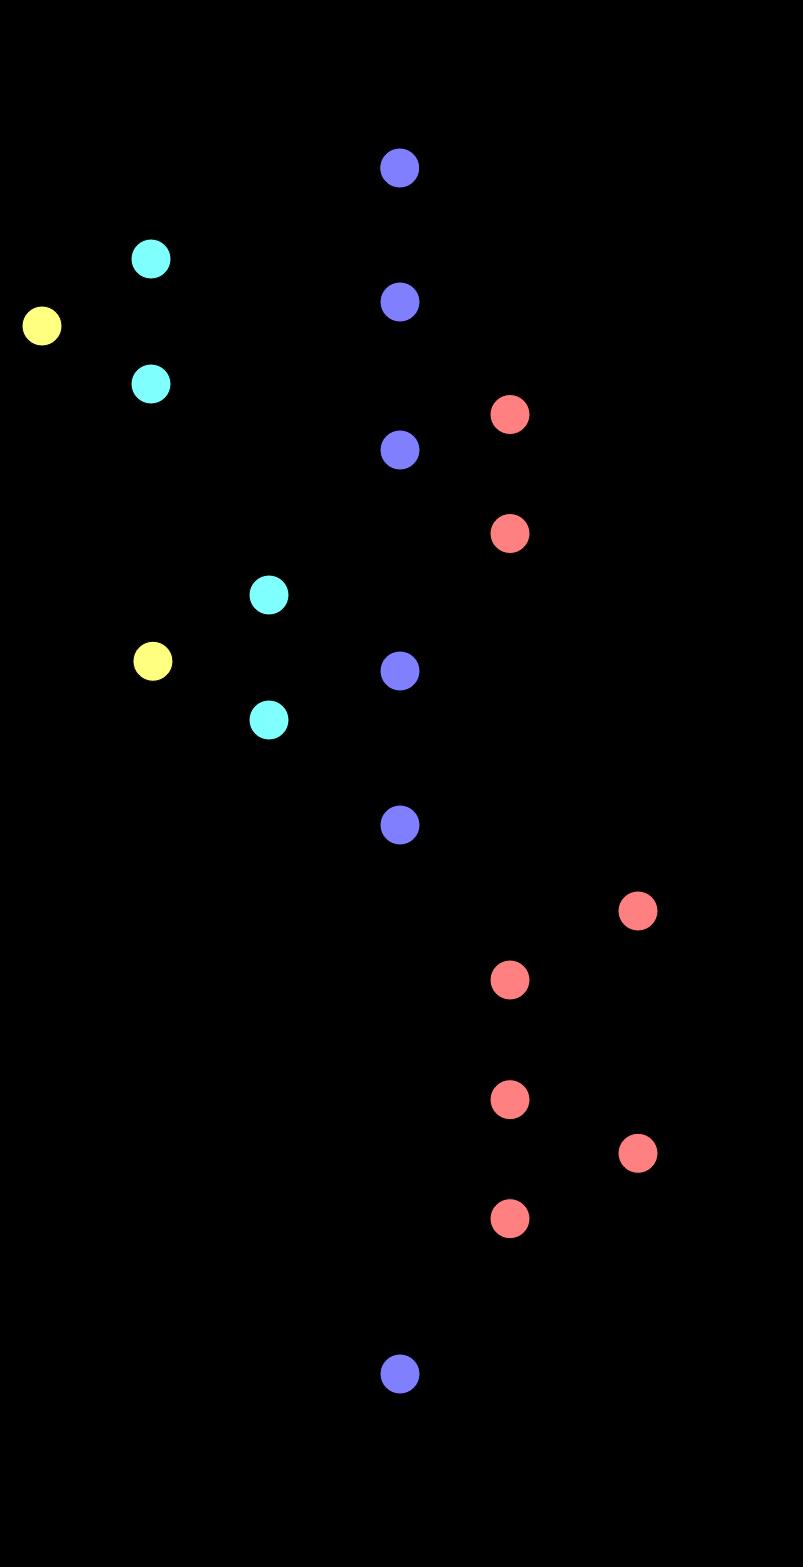 Appflow graph